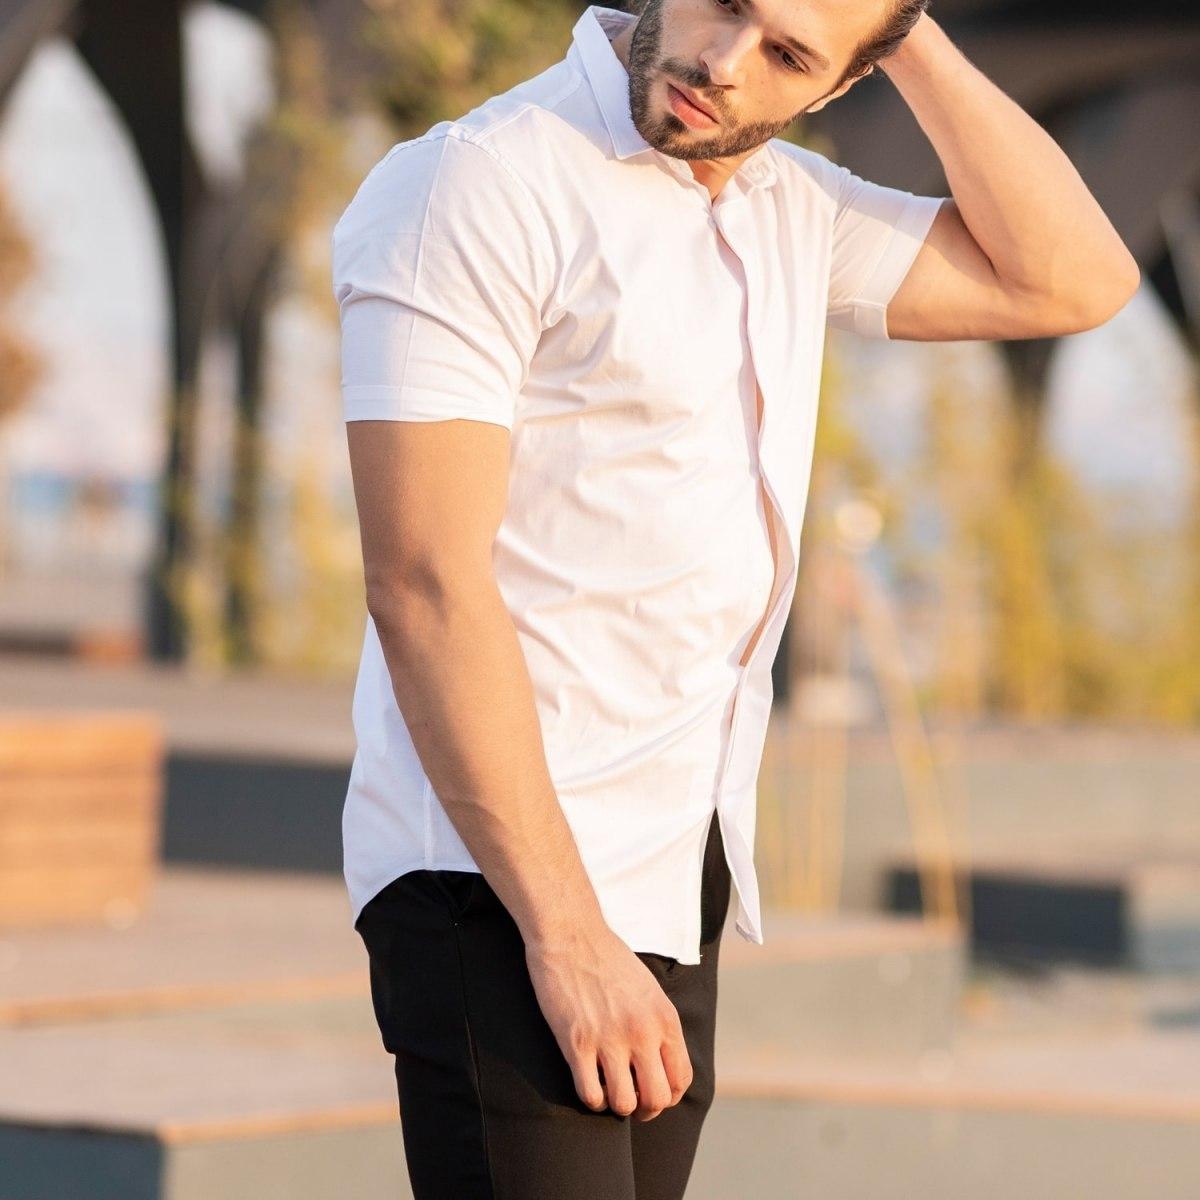 Men's Short Sleeve Style Shirt In White Mv Premium Brand - 1